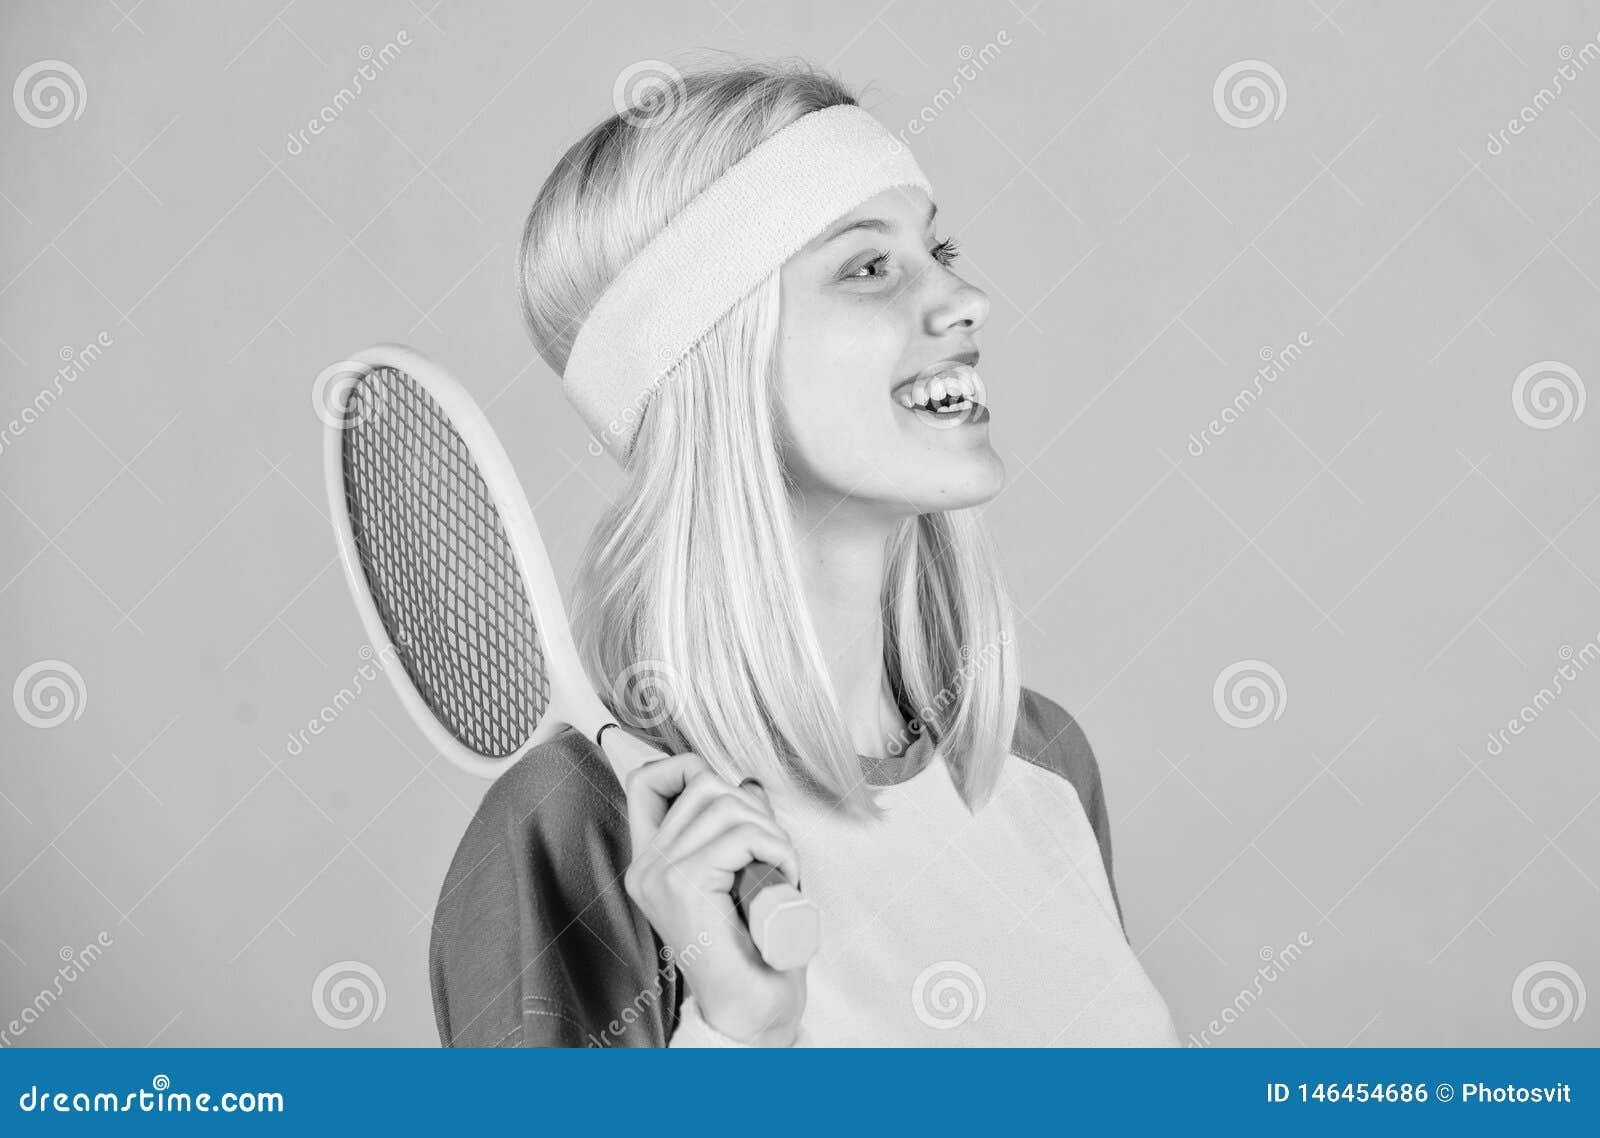 Athletengriff-Tennisschl?ger in der Hand Tennisvereinkonzept Aktive Freizeit und Liebhaberei Tennissport und -unterhaltung M?dche